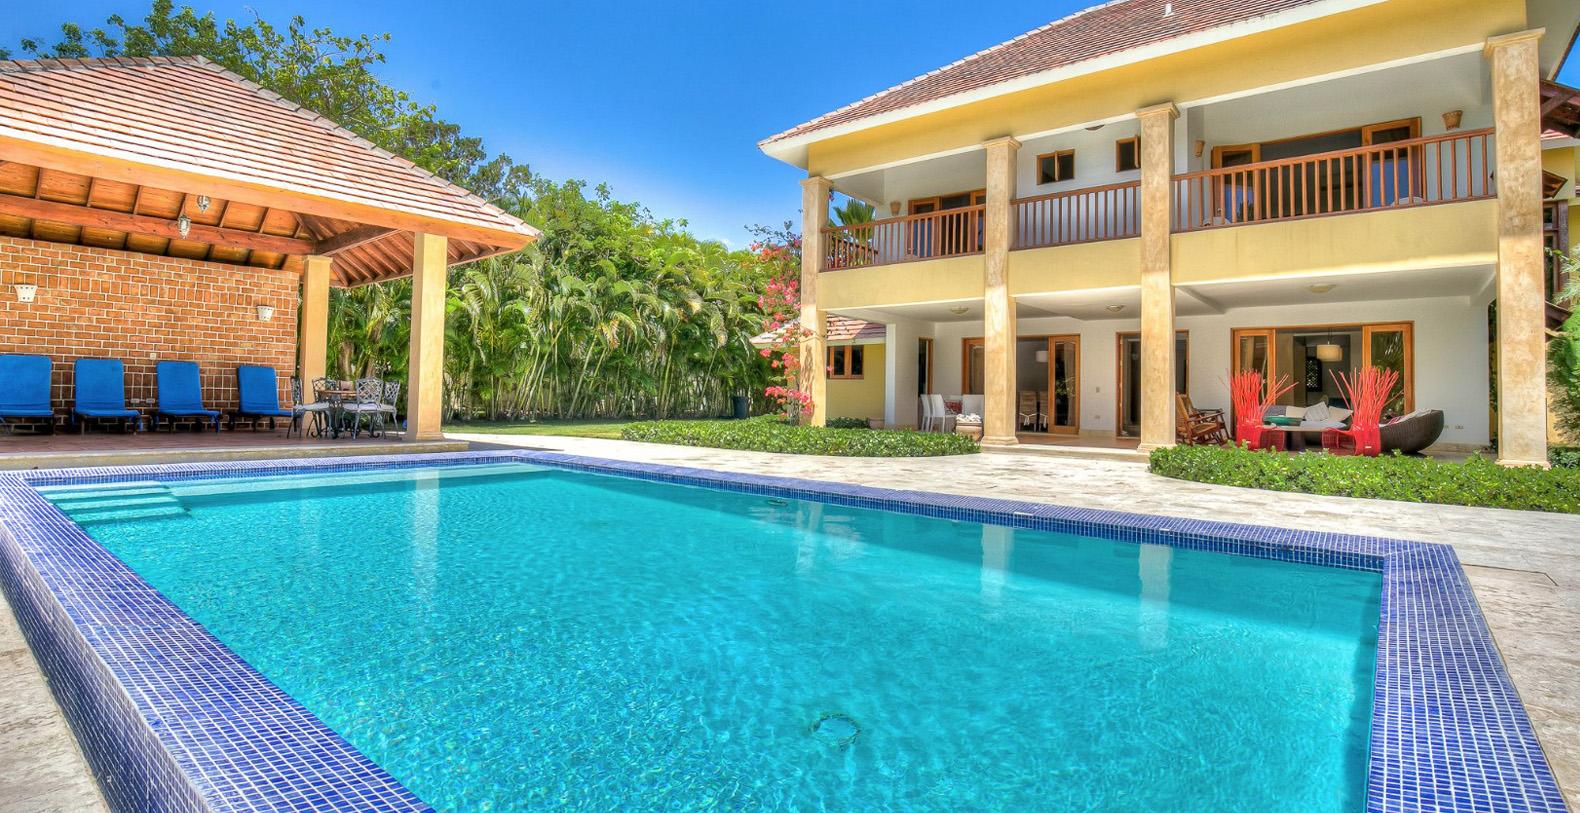 Tortuga bay c28 punta dominican republic vacation rentals for Vacation rentals in punta cana